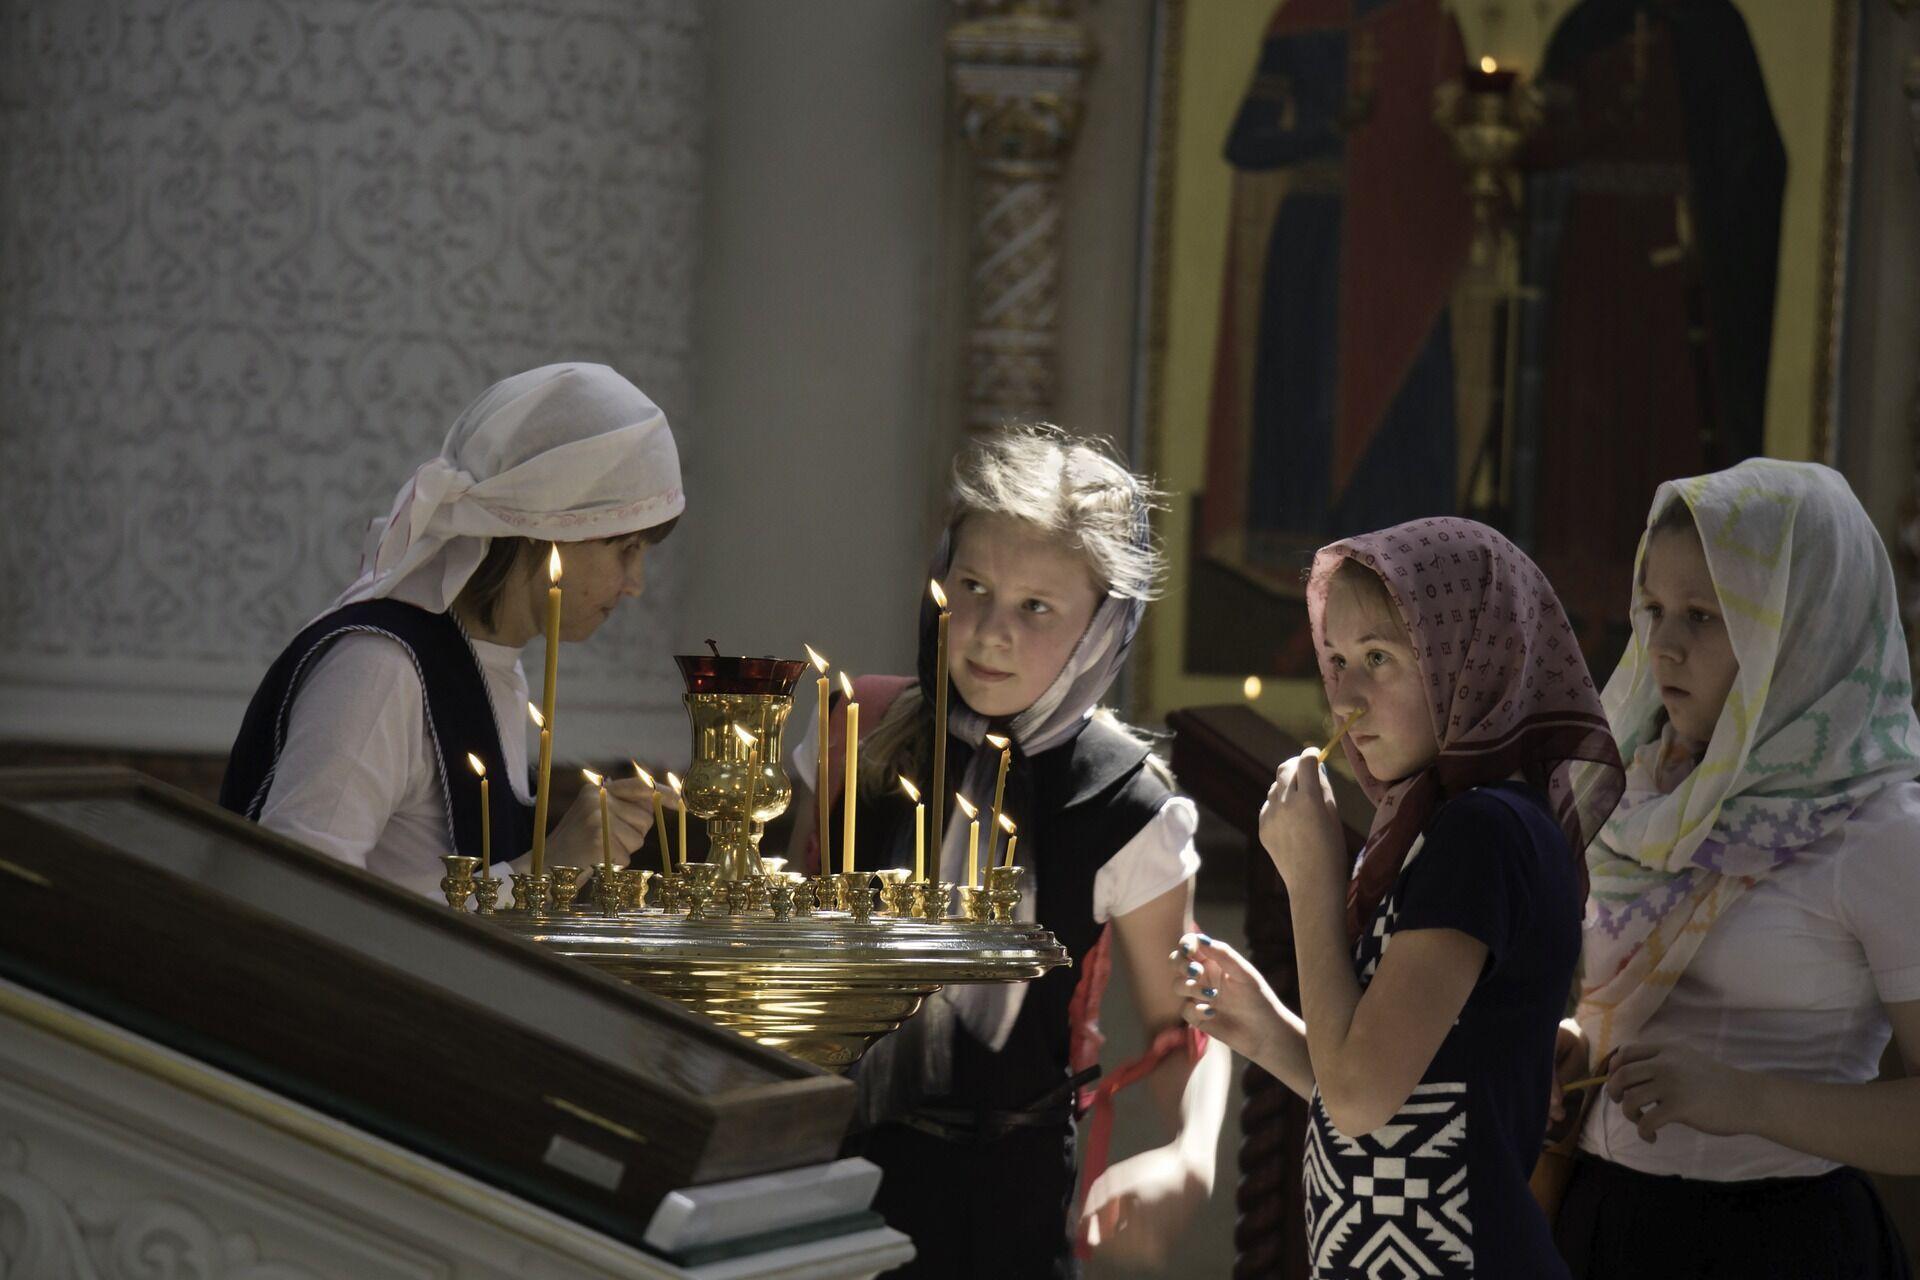 В православии прославление жен-мироносиц связано с прославлением Воскресения Христова